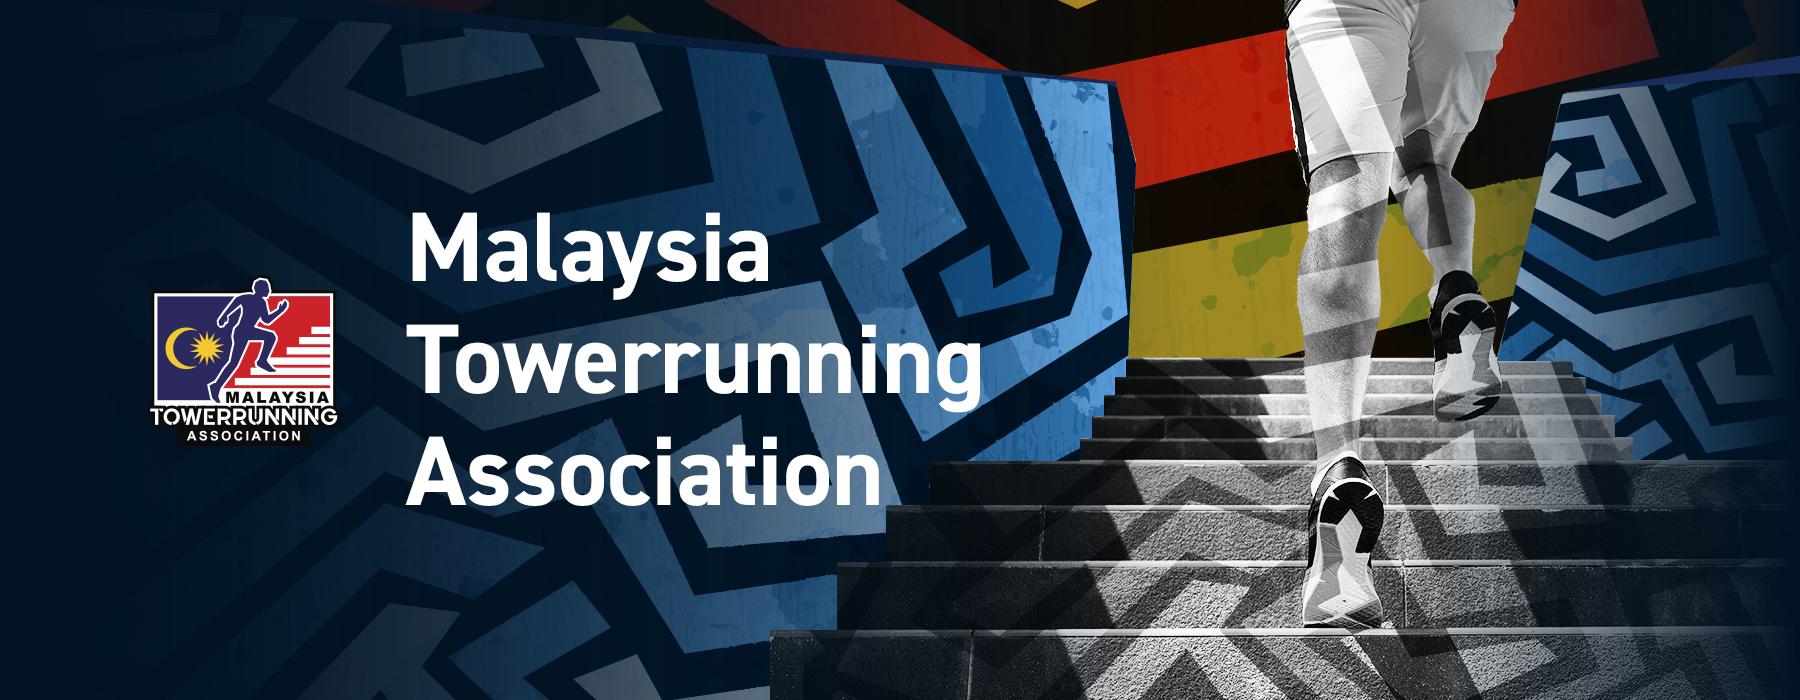 Malaysia Towerrunning Association